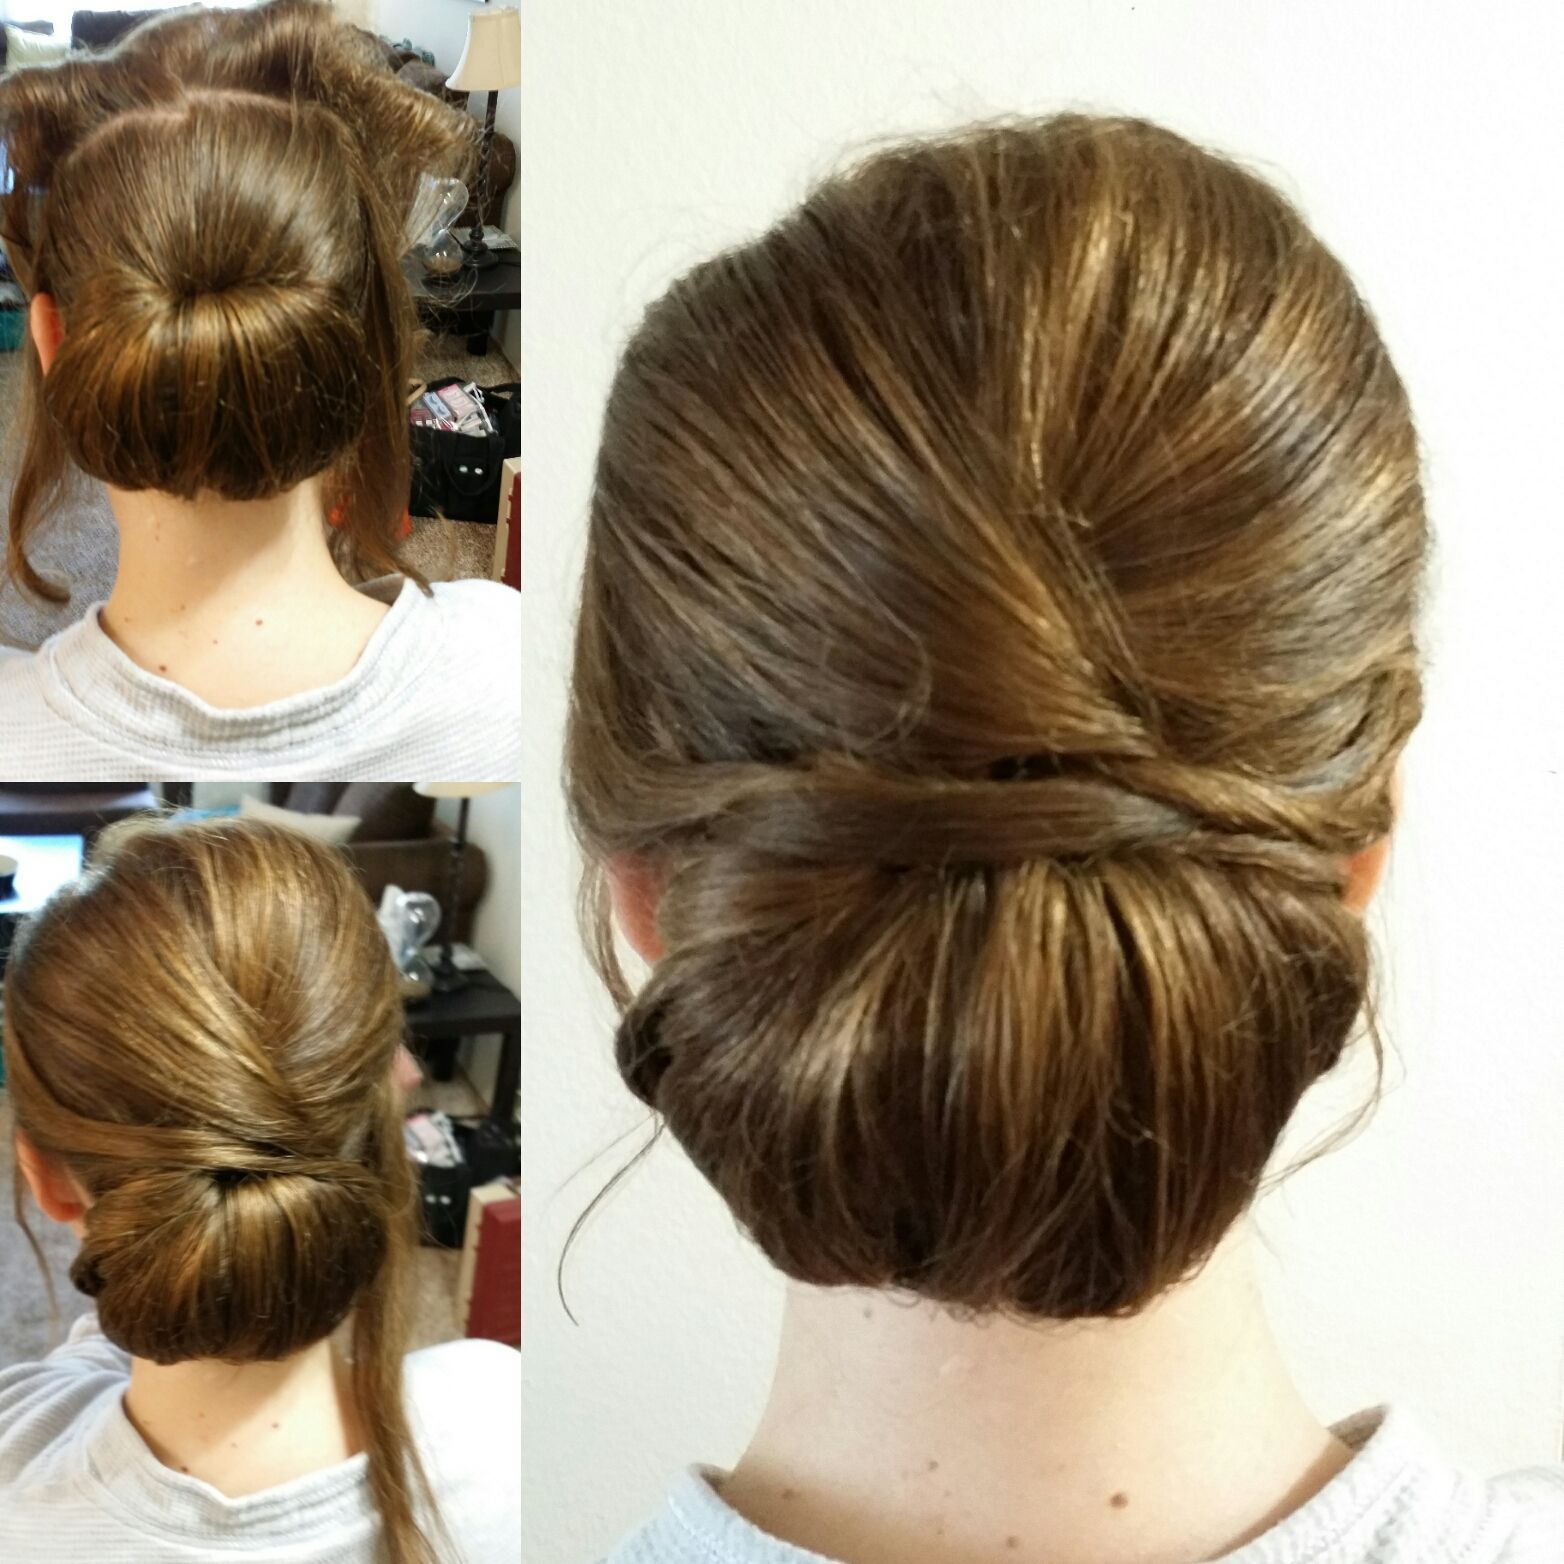 Simple to do low chignon bun for a clean, elegant look   Hair tutorial, Hair styles, Bridesmaid hair